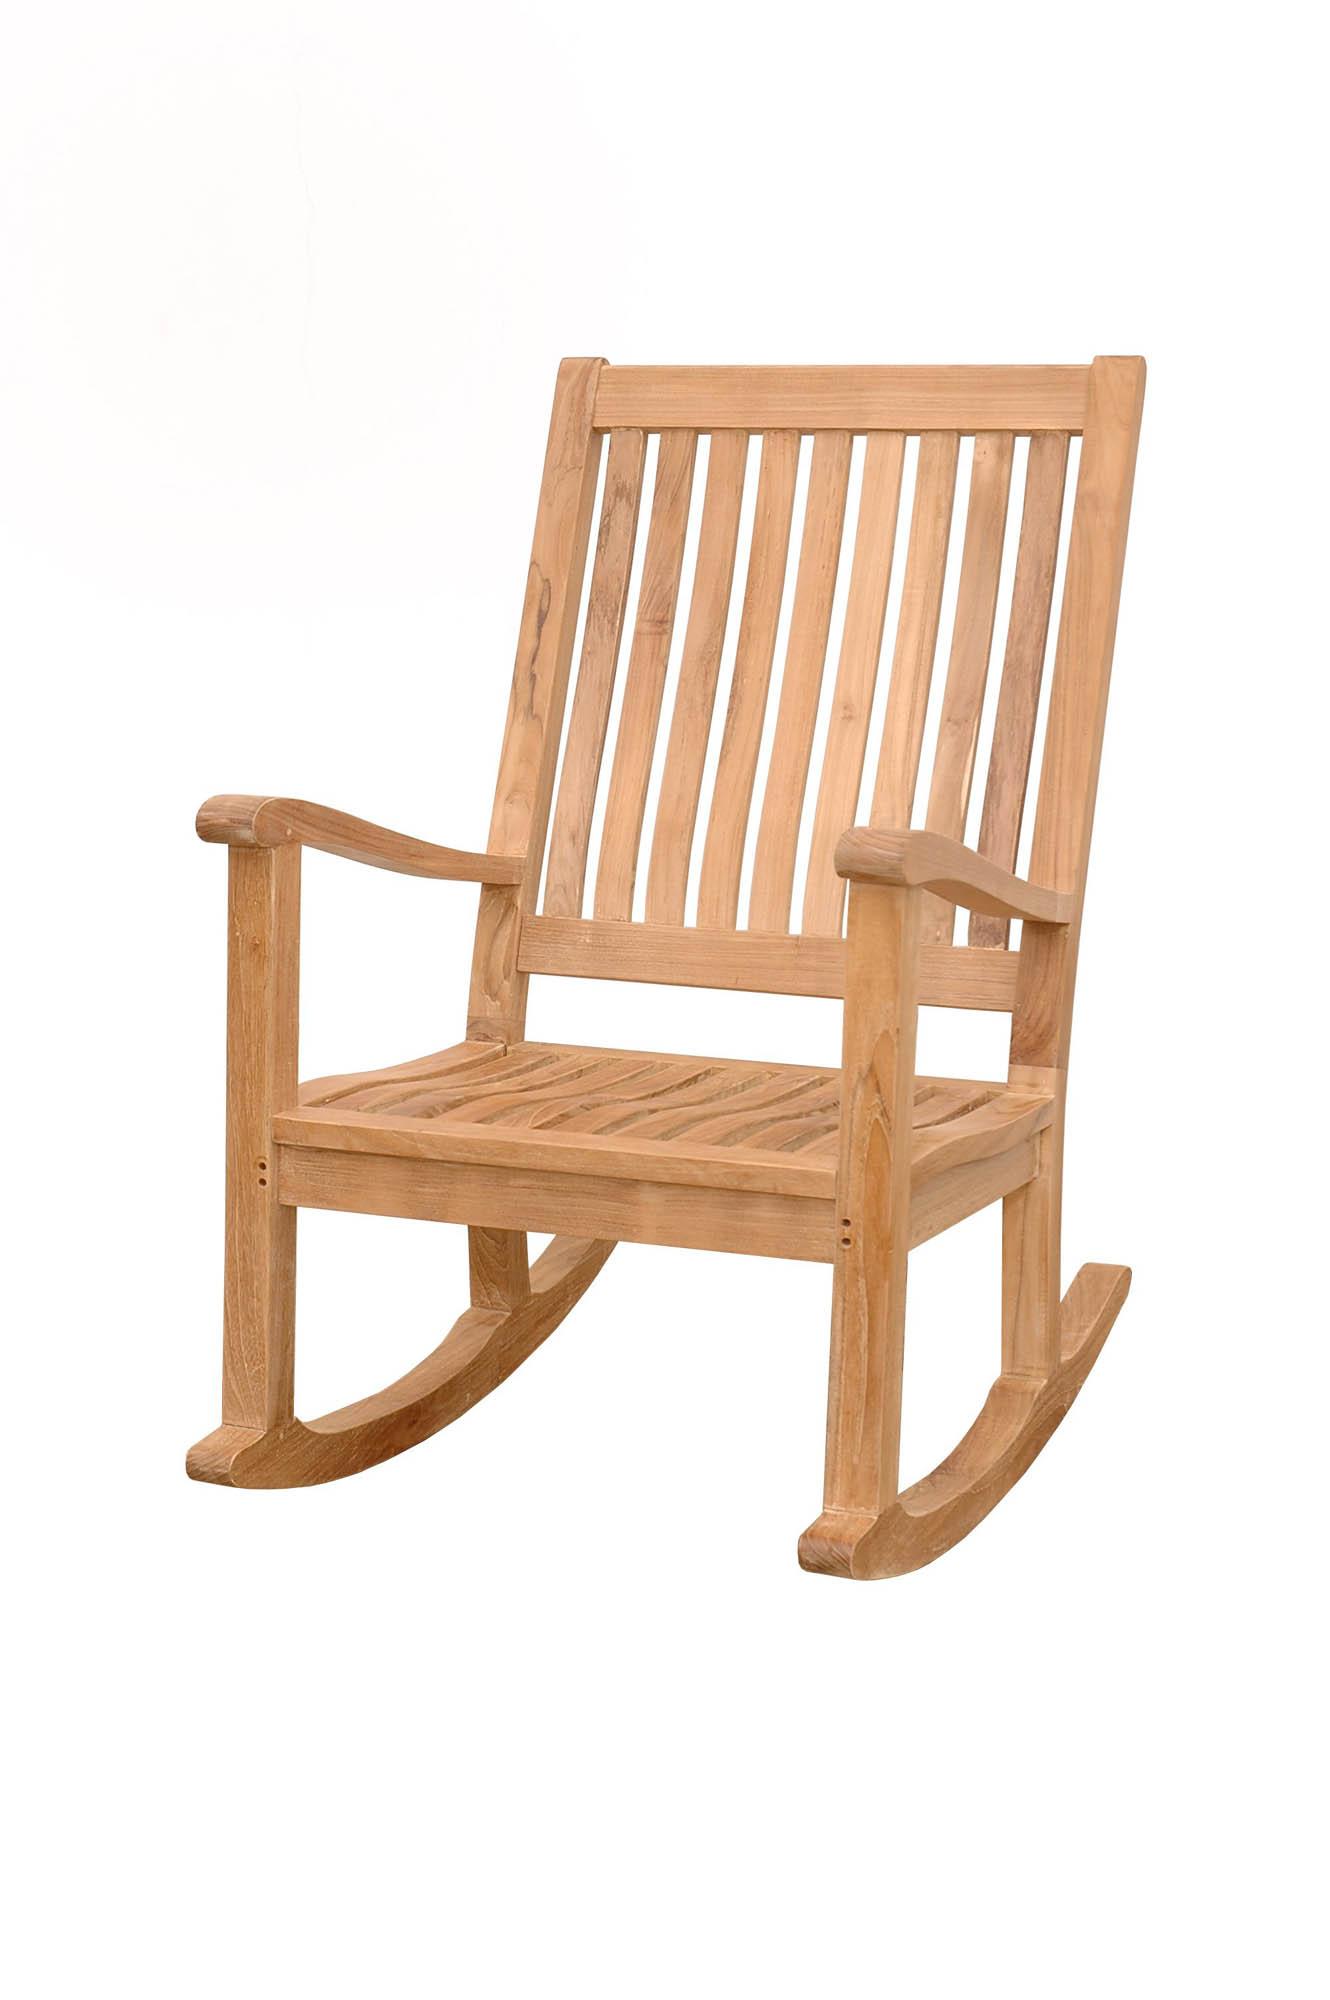 Anderson Teak Patio Lawn Garden Furniture Del Amo Rocking Armchair EBay